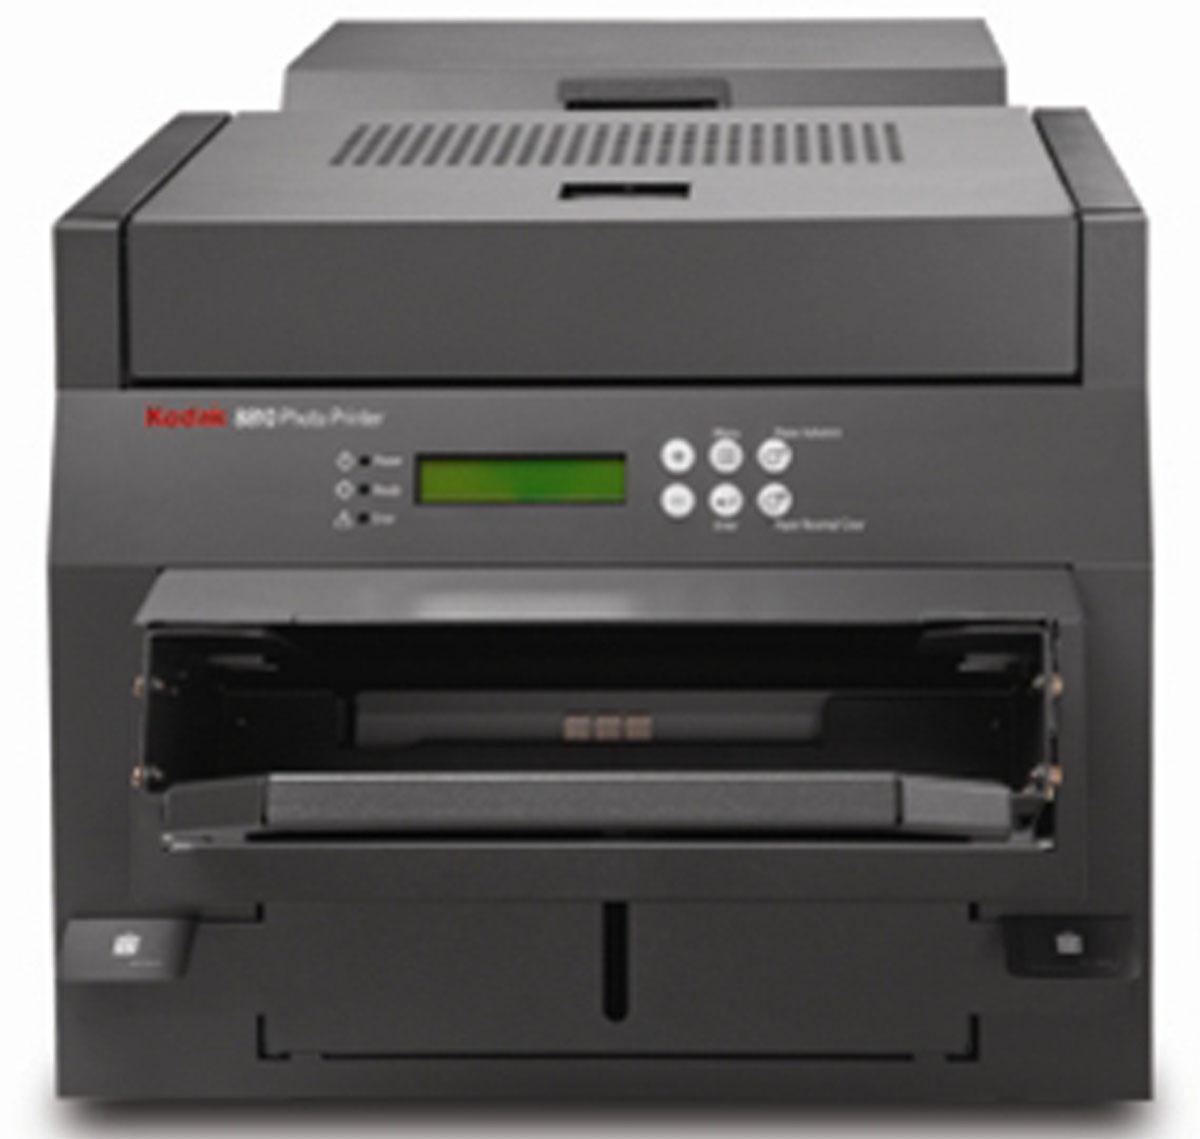 柯达8810 koda热升华打印机